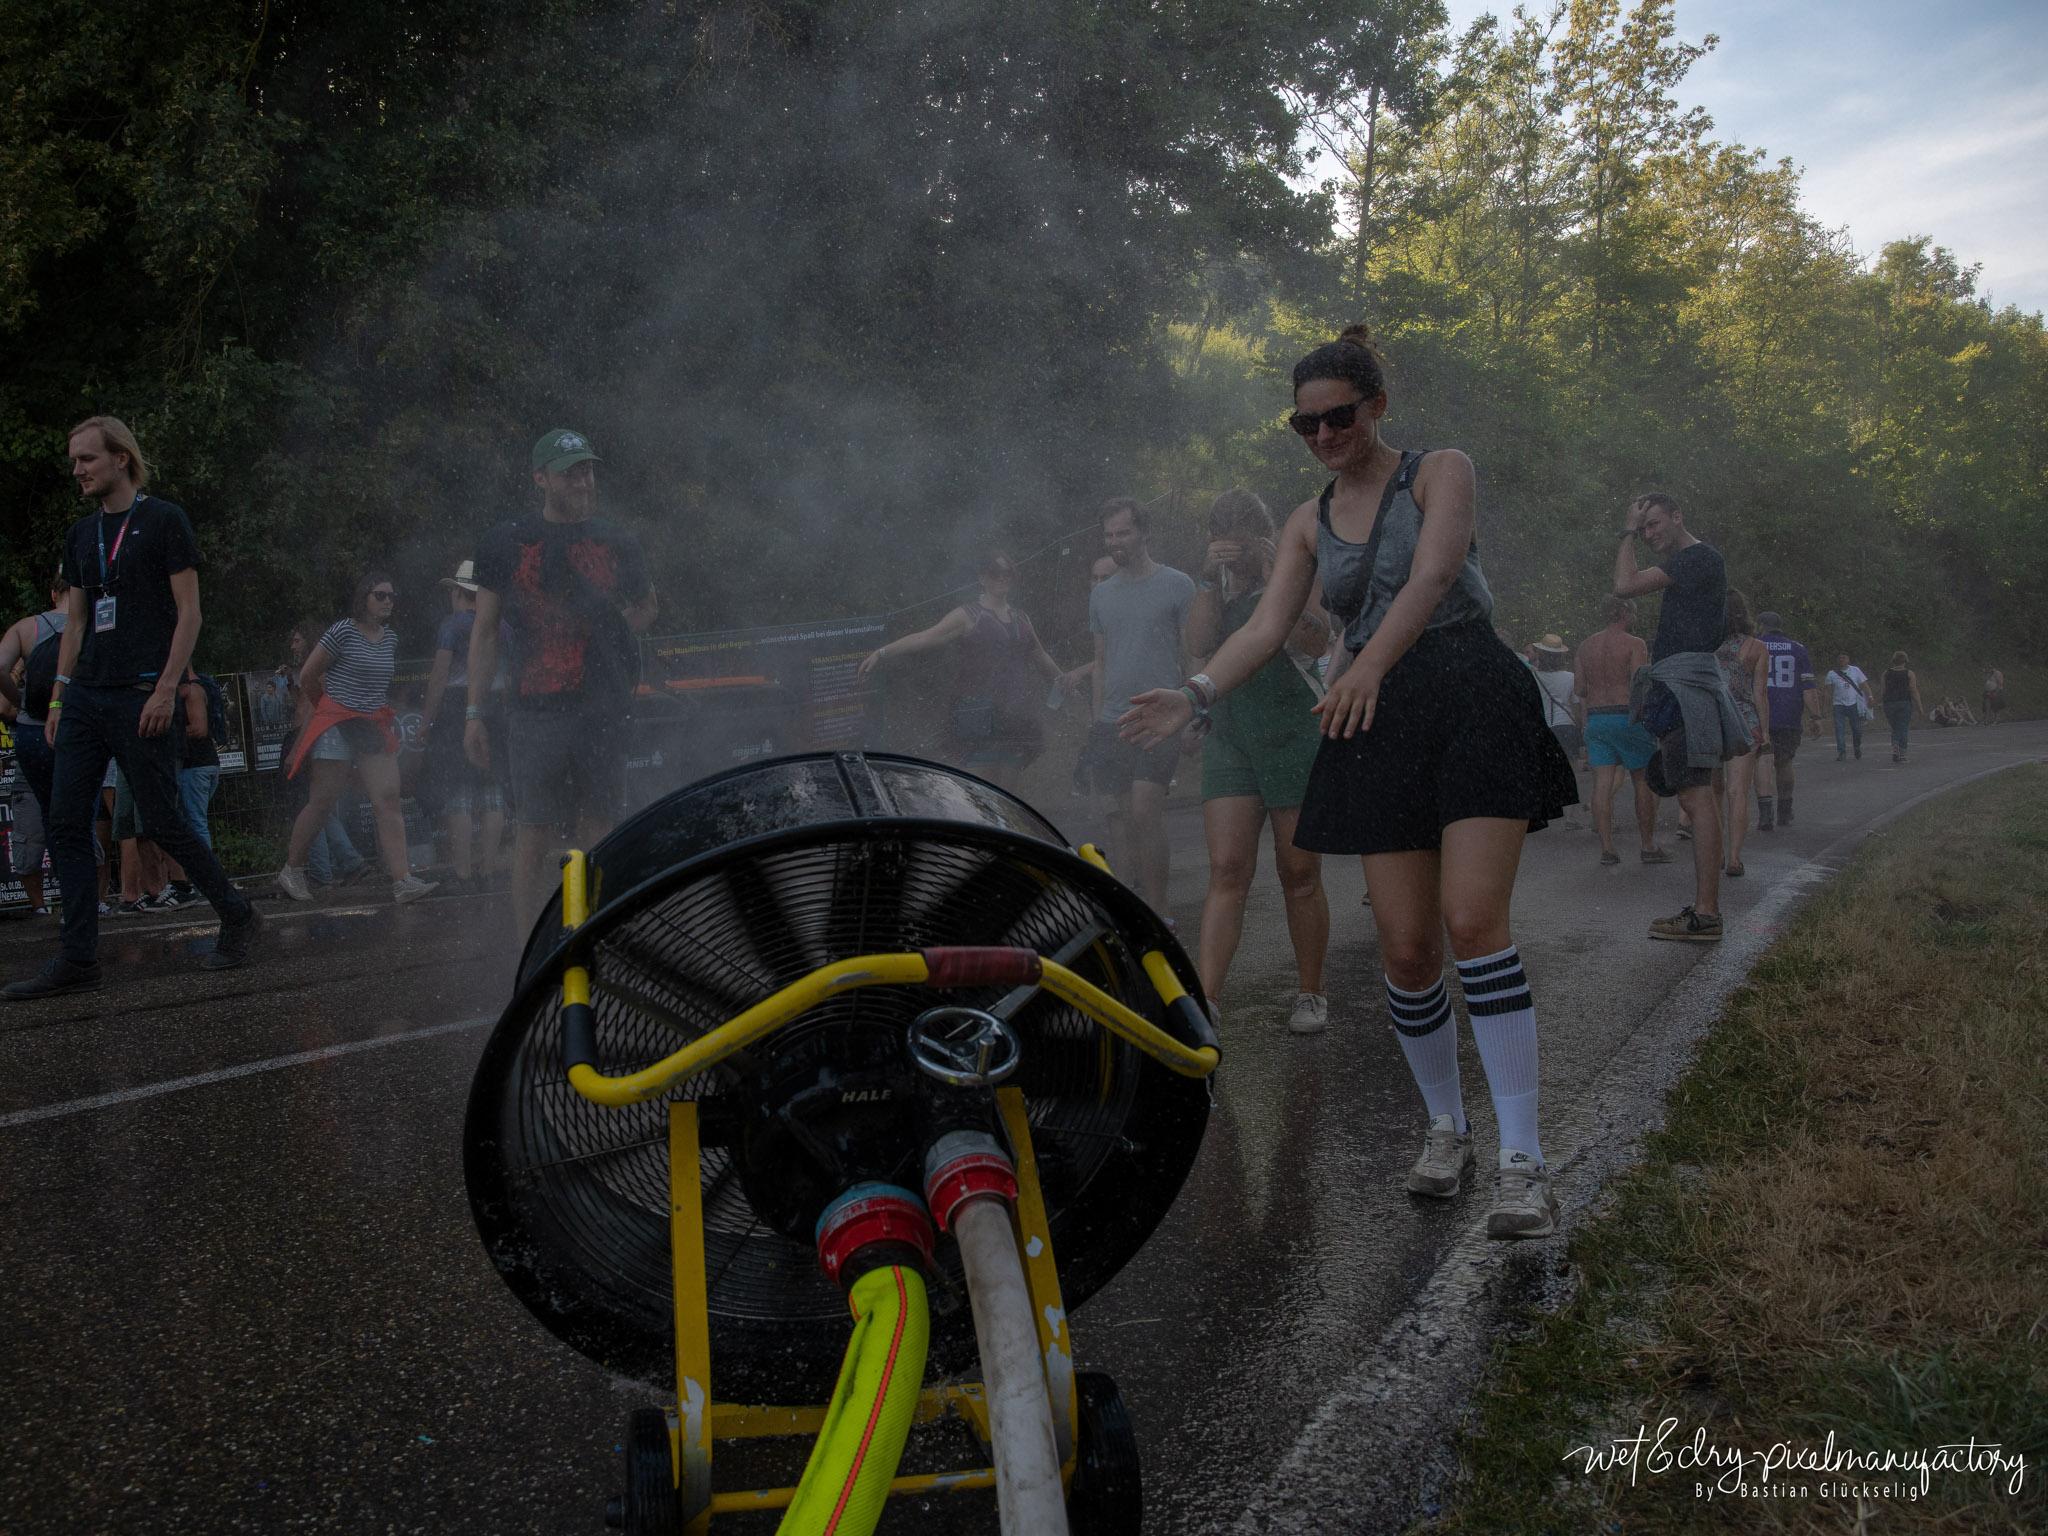 Die Feuerwehr Rothenburg hat die Besucher mit einem Wassernebel gekühlt. Foto: Bastian Glückselig